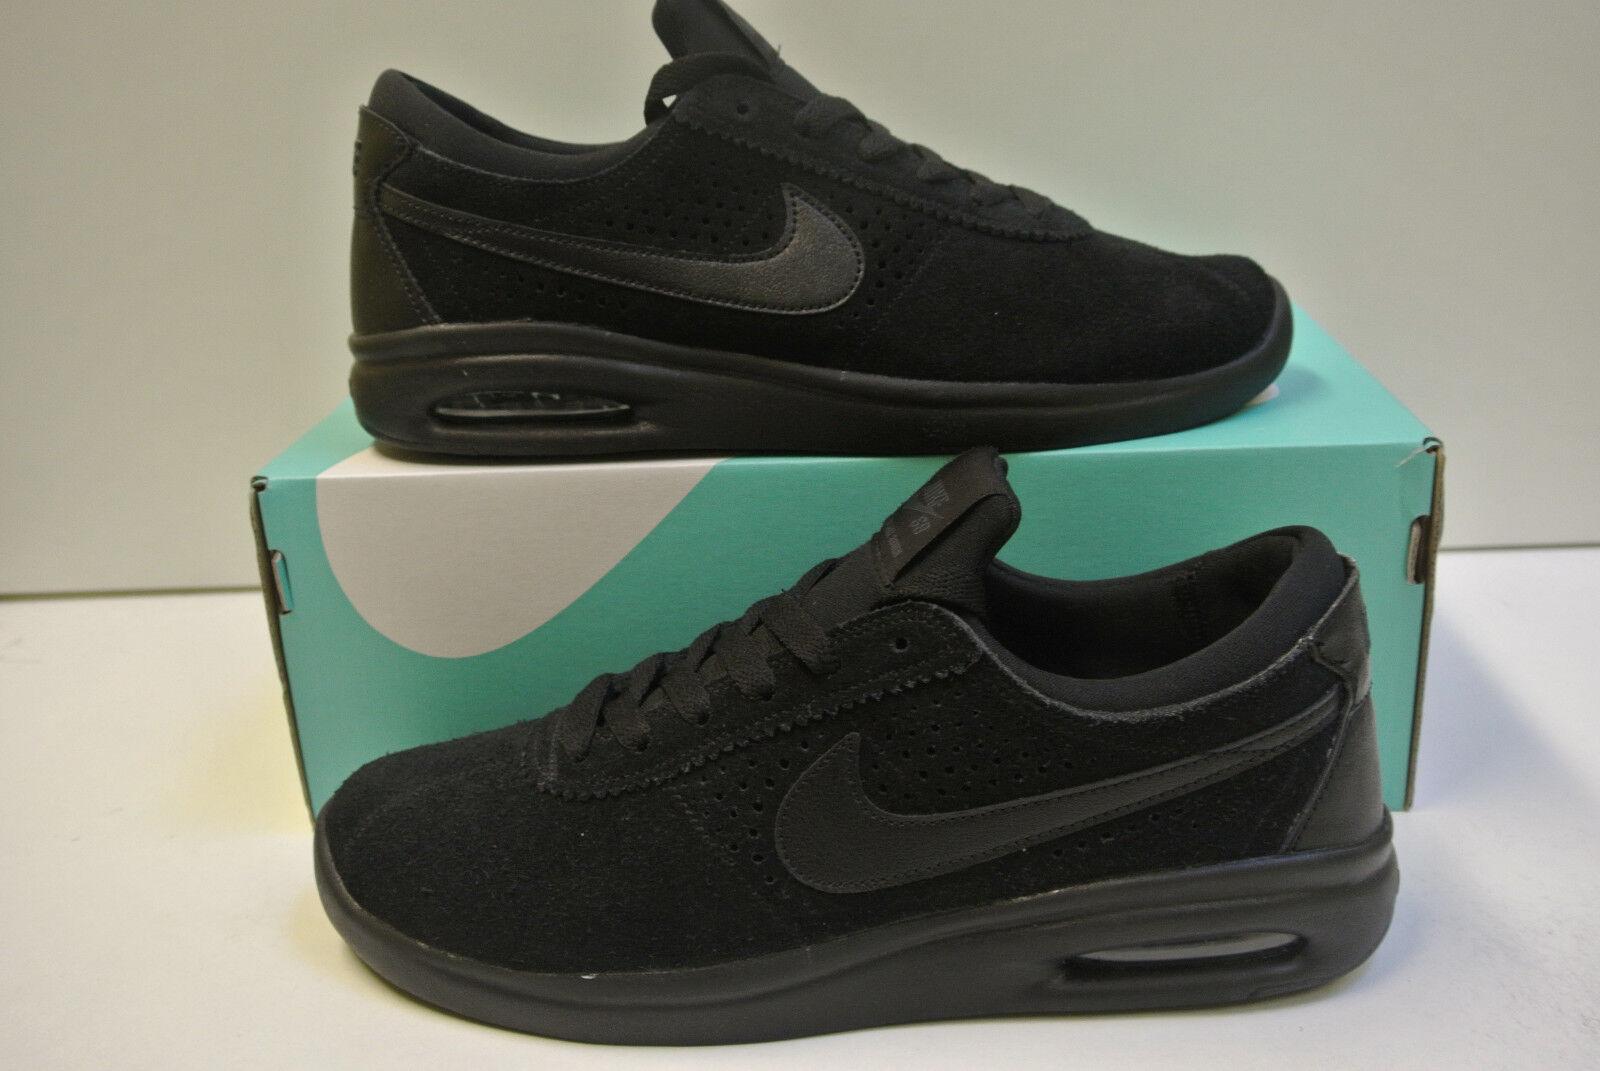 Nike SB Air Max Bruin Vapor Größe wählbar 003 Neu & OVP 882097 003 wählbar 676b31